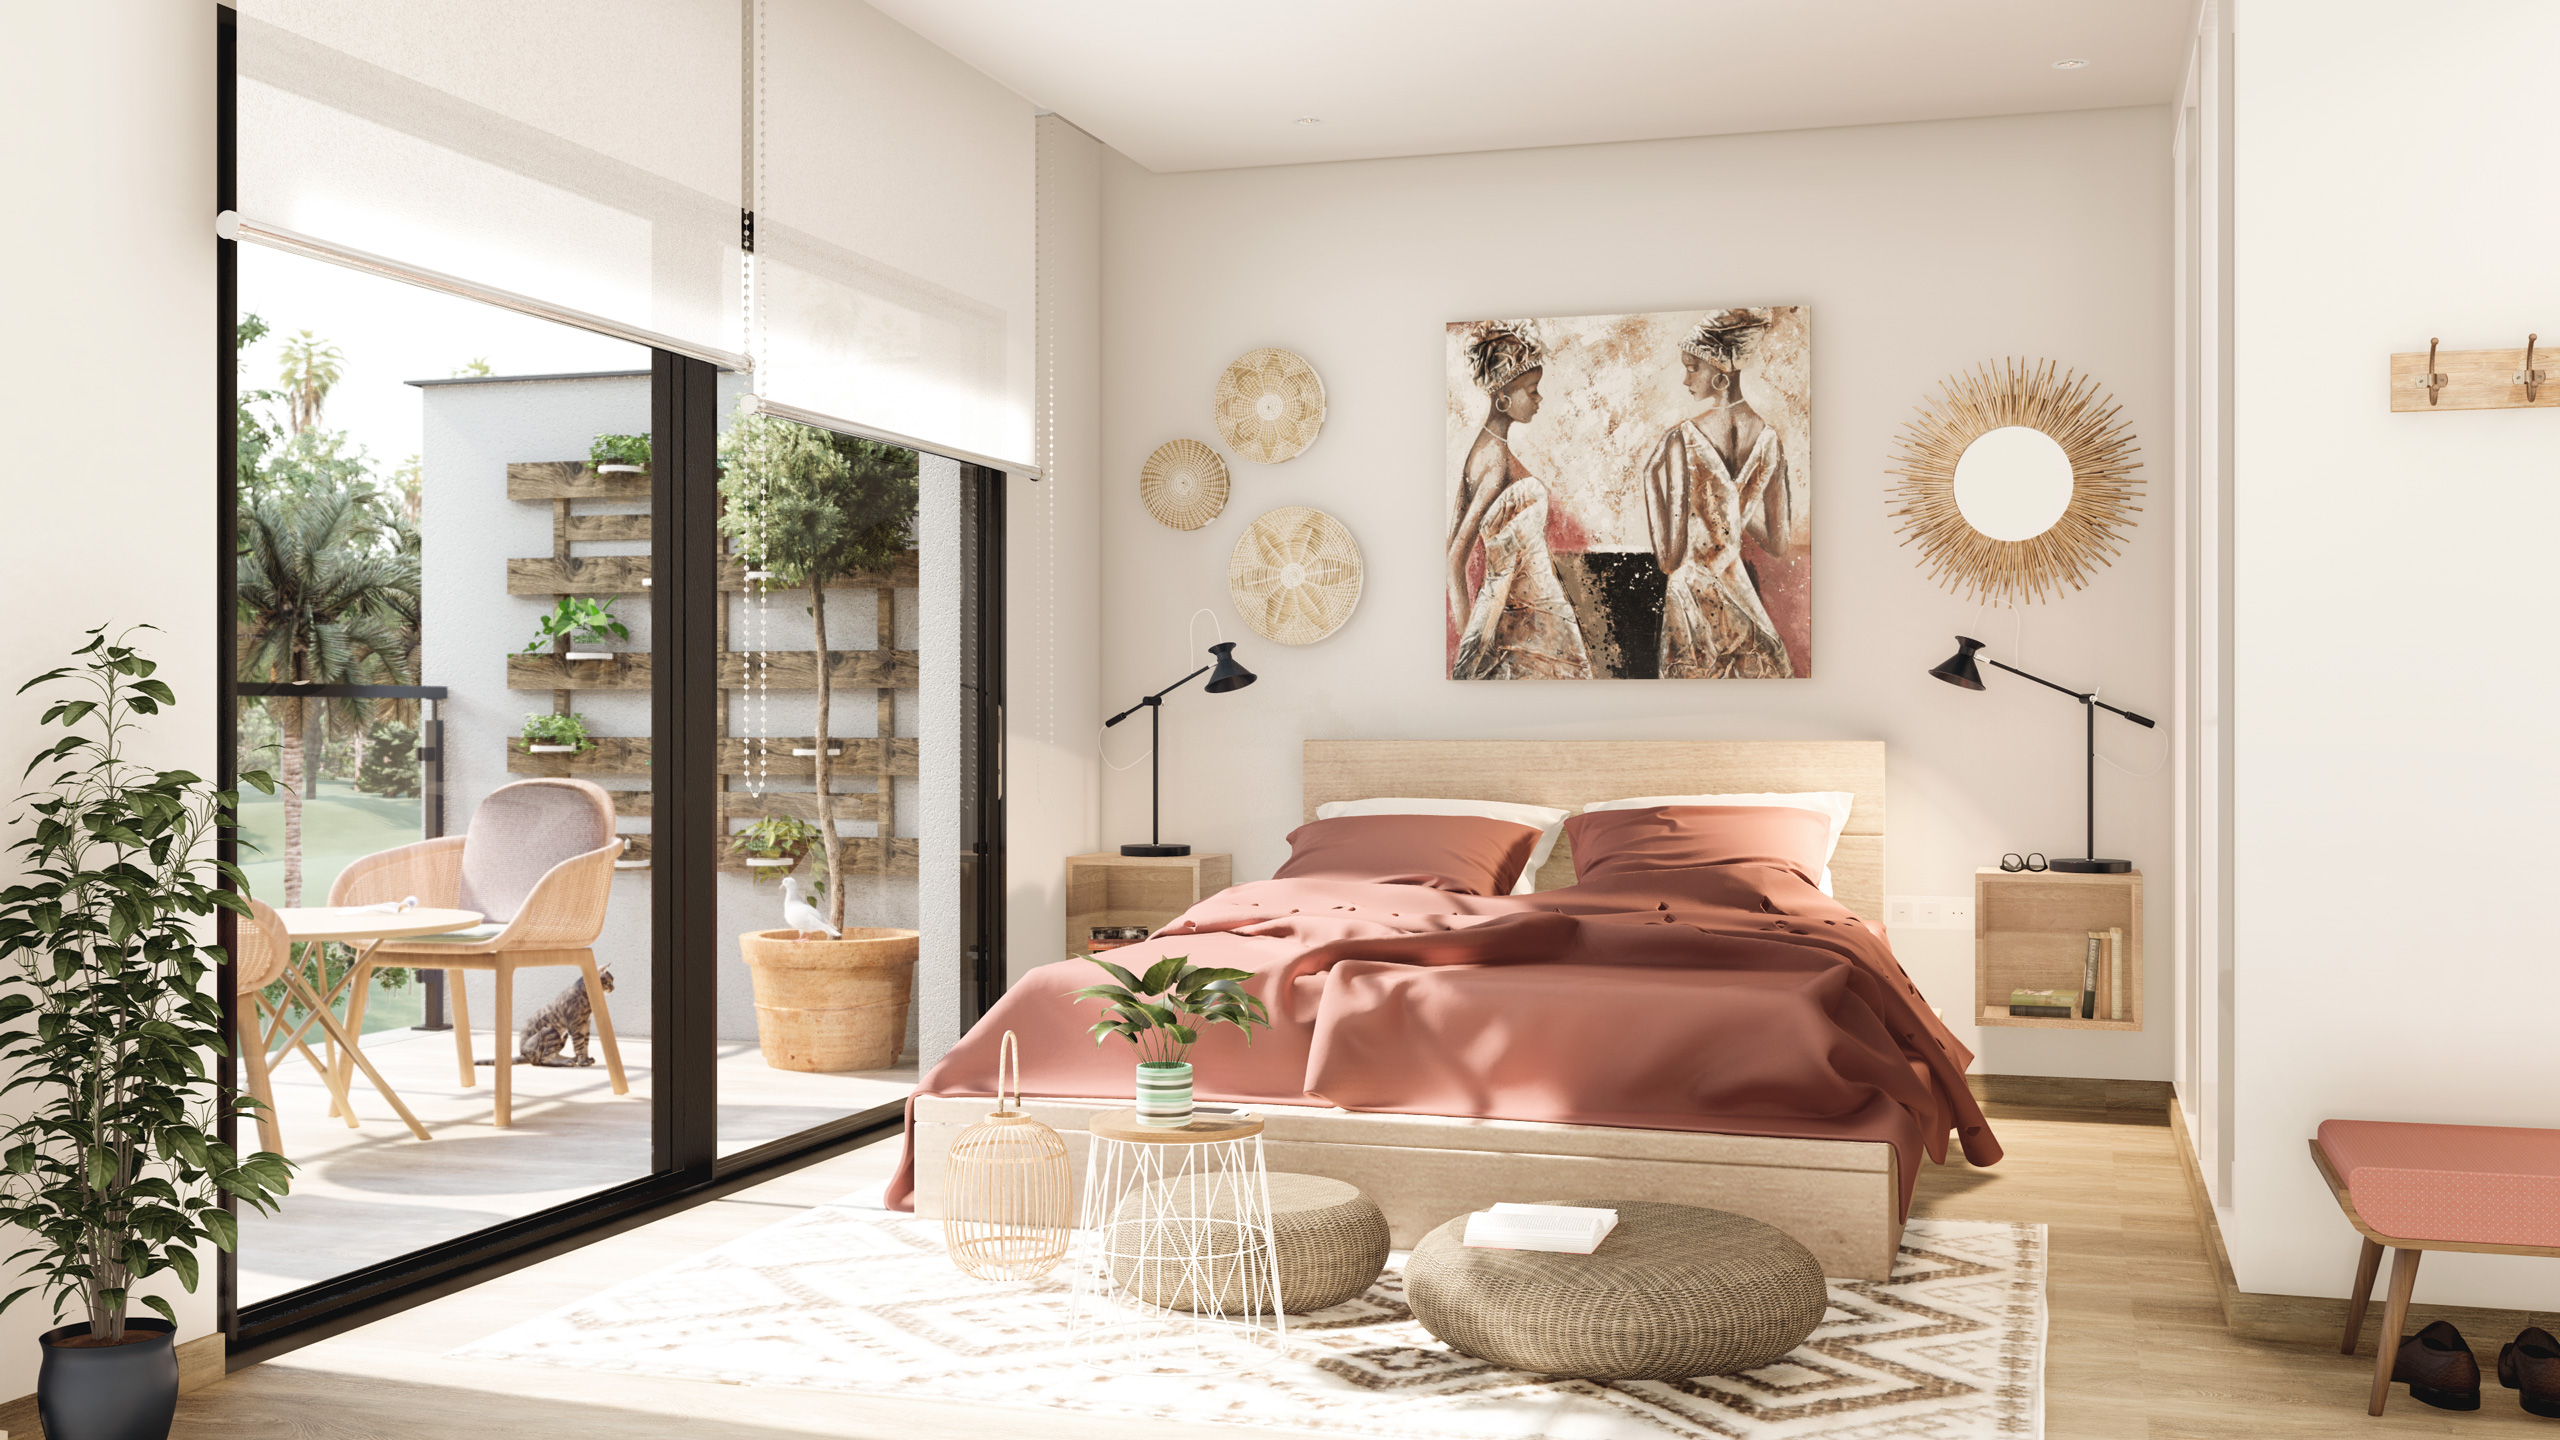 Dormitorio principal. ZENIT Cooperativa de viviendas